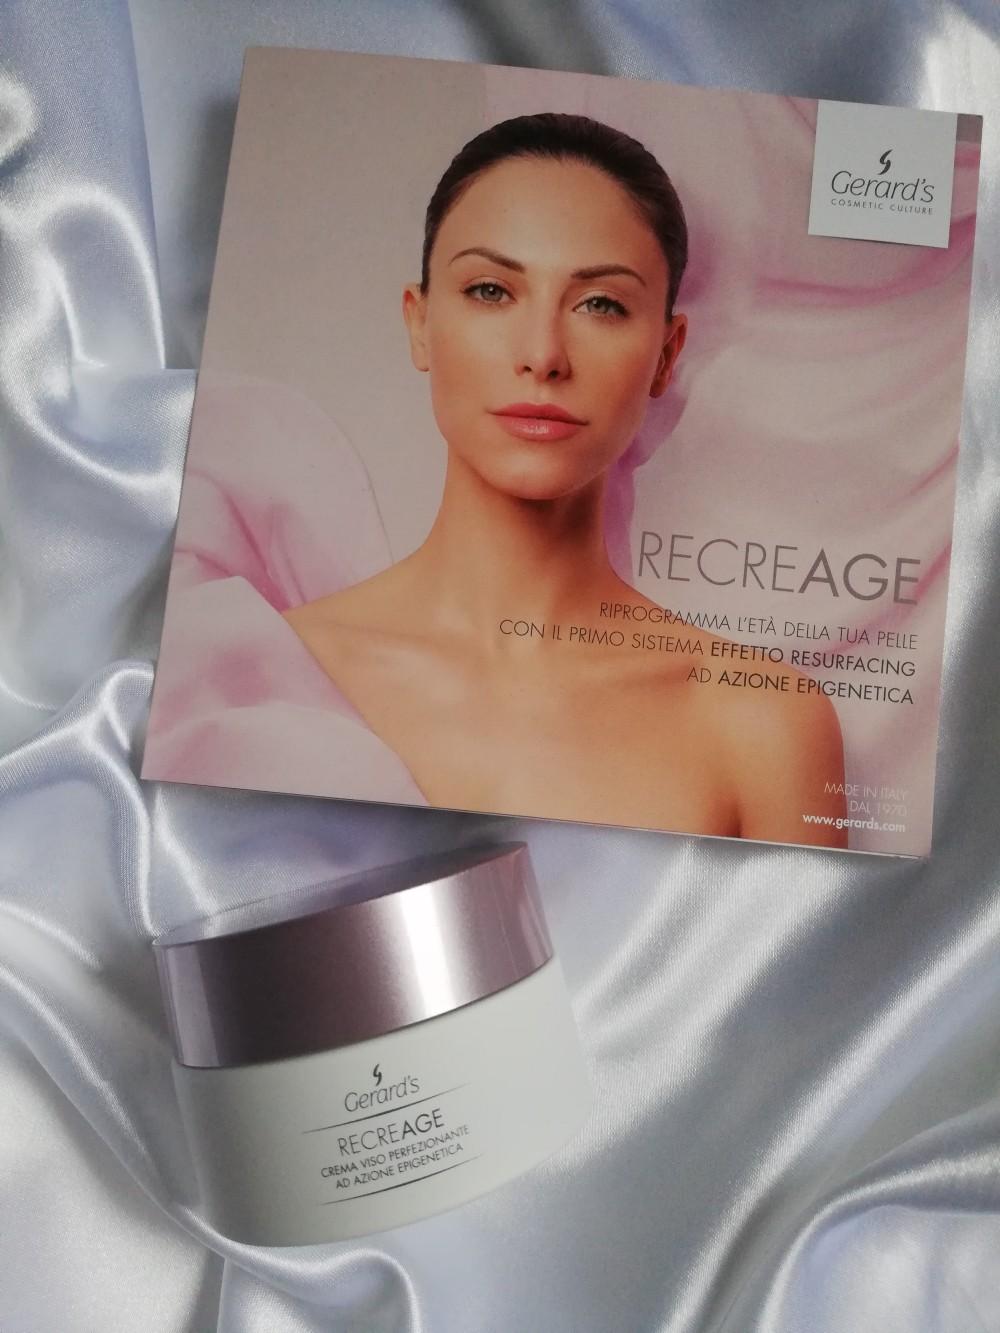 Recreage crema viso antiage perfezionante